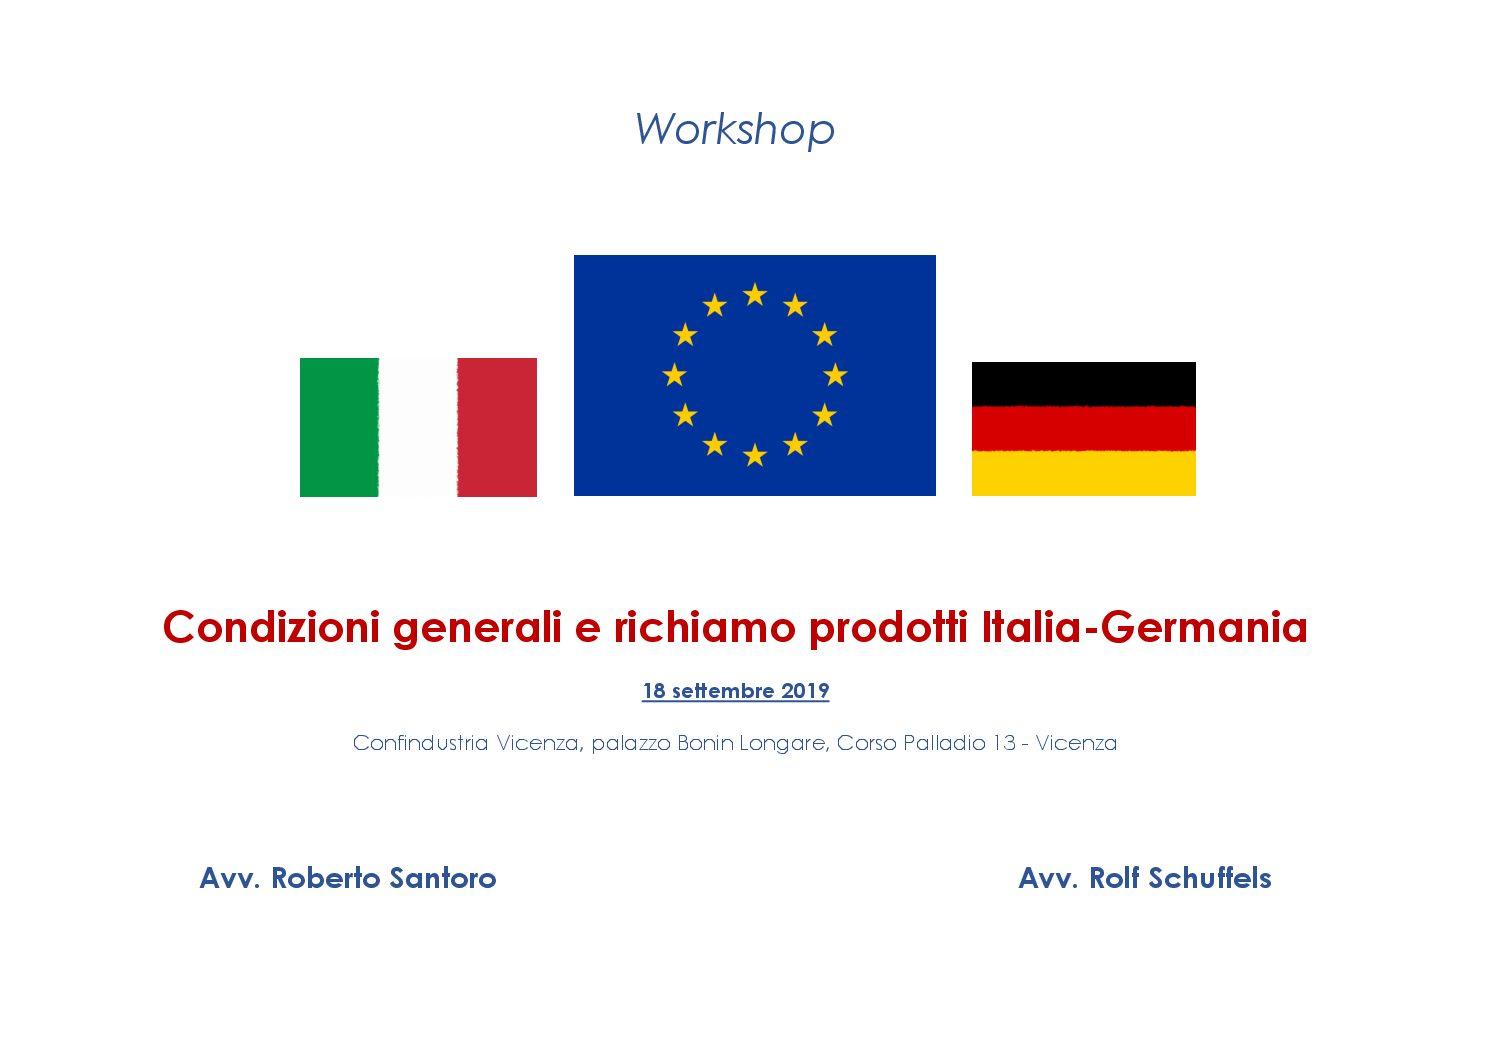 Italia e Germania: Le condizioni generali di vendita e il richiamo dei prodotti